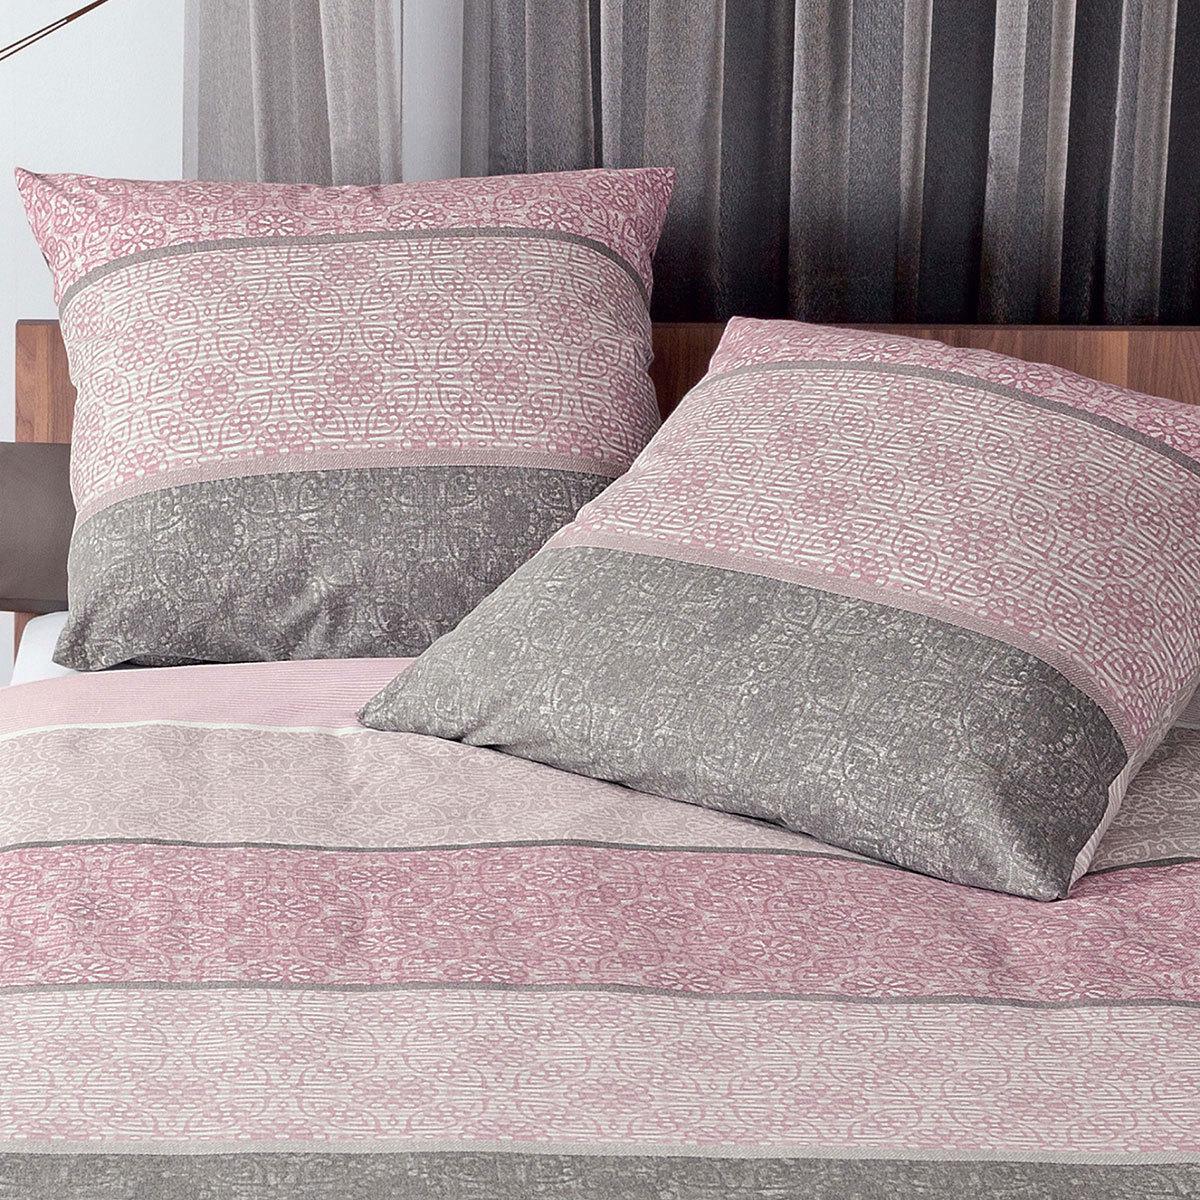 janine feinbiber bettw sche davos 65016 05 g nstig online kaufen bei bettwaren shop. Black Bedroom Furniture Sets. Home Design Ideas